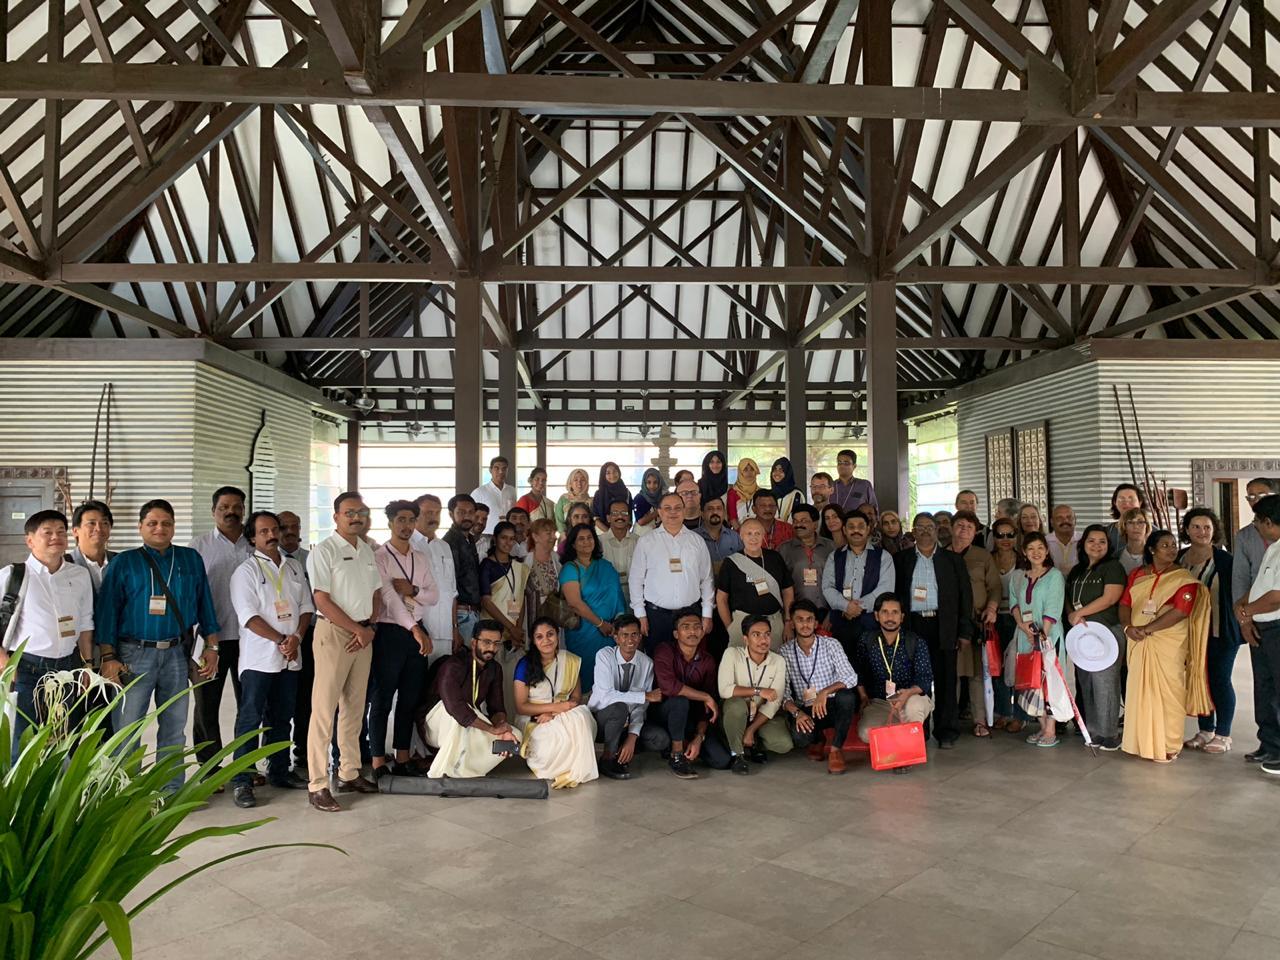 جولة سفراء الأيورفيدا الدولية لتشجيع انطلاق الأيورفيدا التقليدي في ولاية كيرالا